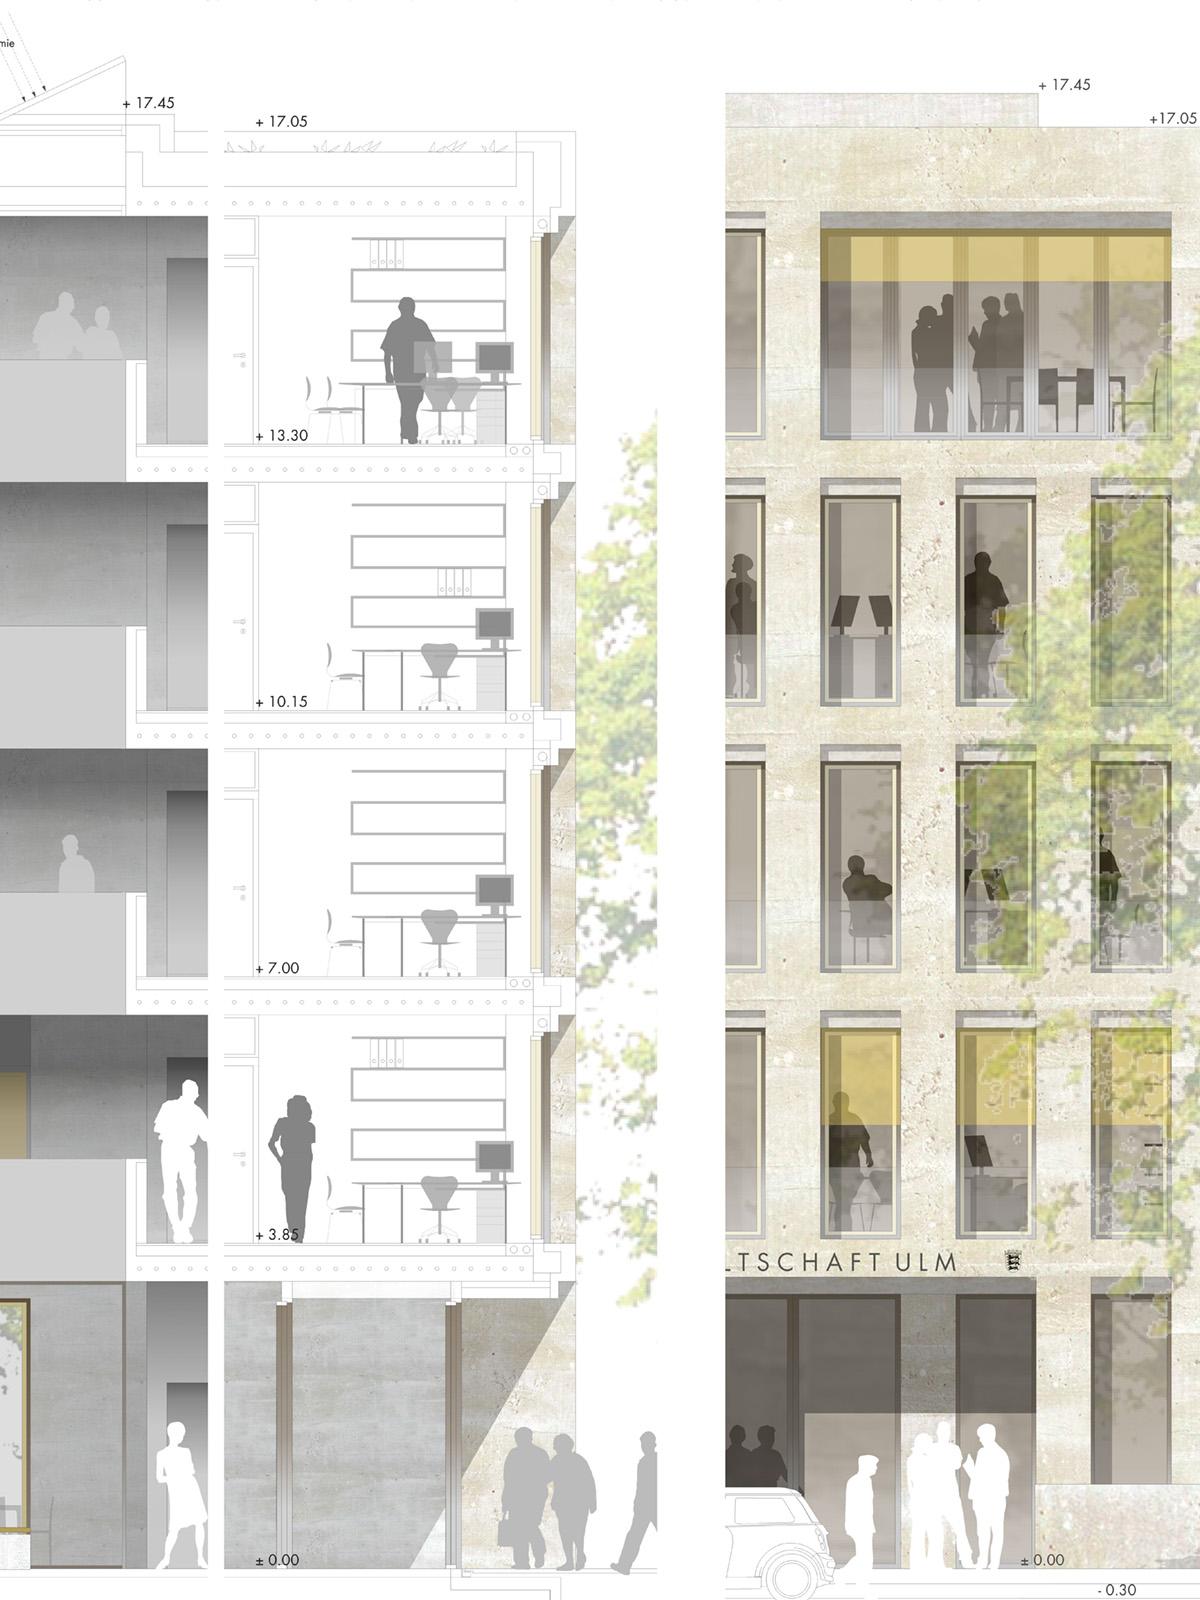 Detail-Wettbewerb-Neubau-Staatanwaltschaft-Ulm-3.Preis-2010-© Friedrich-Poerschke-Zwink-Architekten